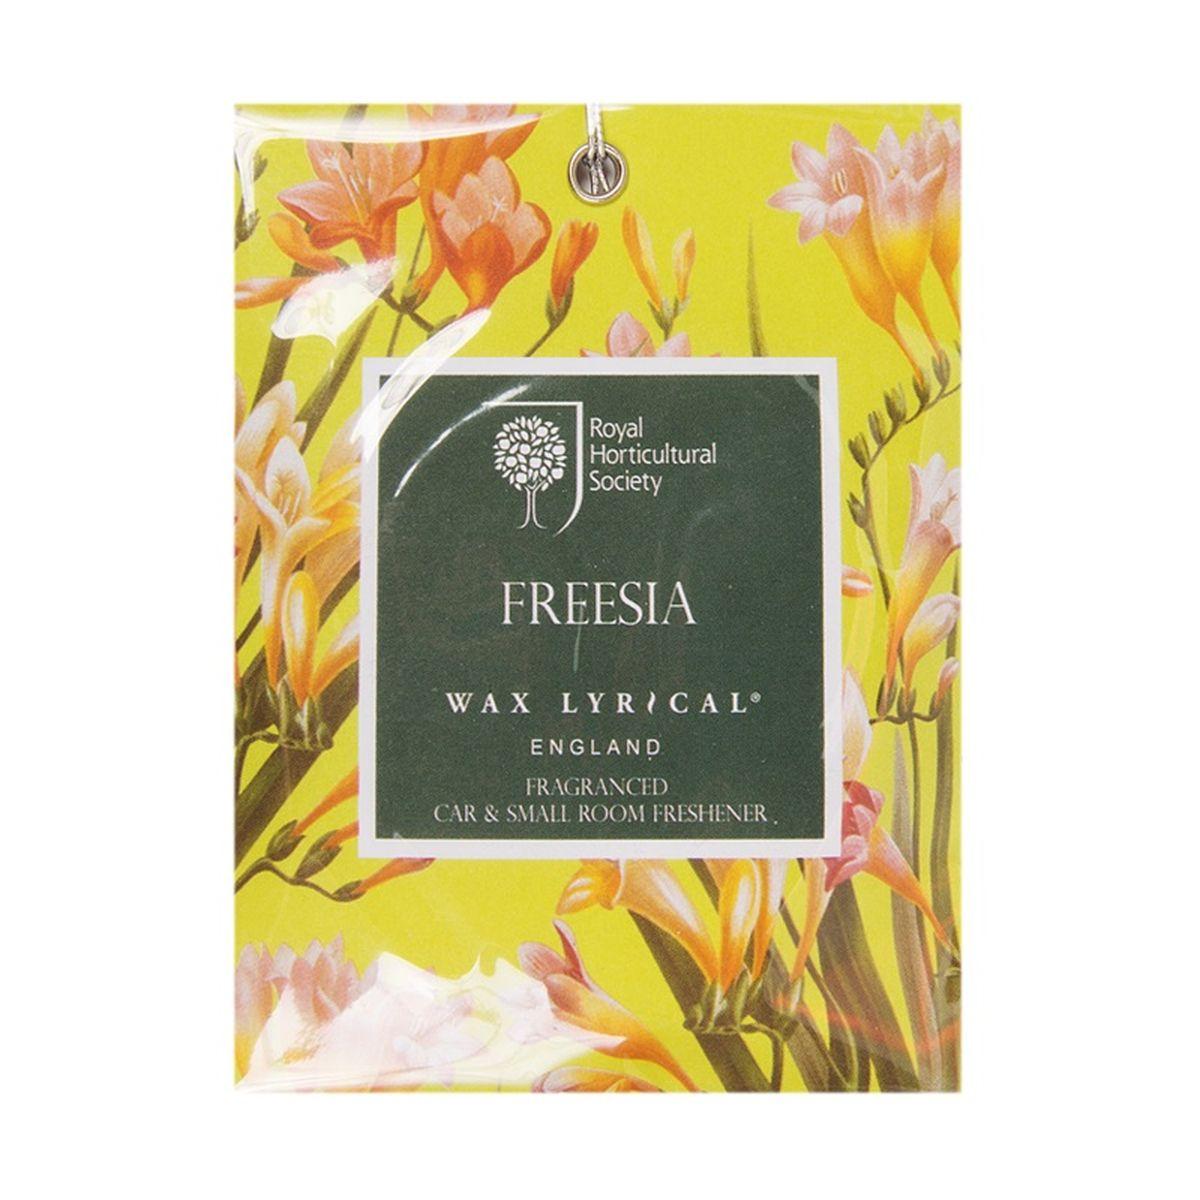 Мини-саше ароматические Wax Lyrical Цветущая фрезия, 20 гRH5812Нежный сенсорный цветочный аромат с тонким аккордом свежесорванных листьев сочетает в себе ноты фрезии, гардении и орхидеи, рождая чистый и женственный аромат.